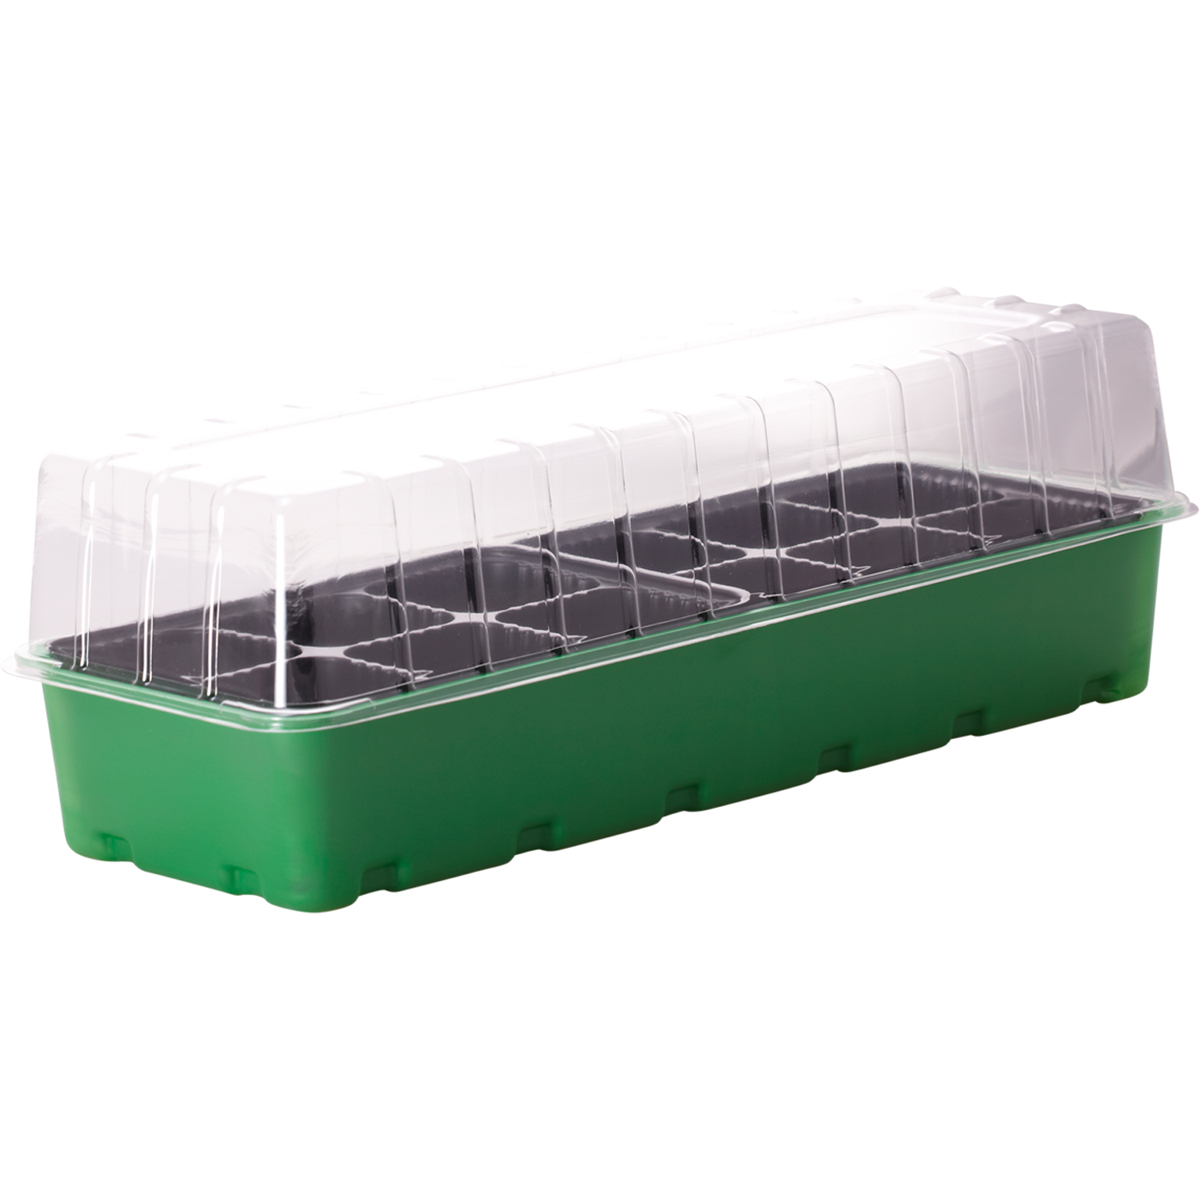 Минипарник для рассады InGreen, 12 ячеек, 40 х 17,4 х 13 см531-105InGreen - компактный и удобный в использовании минипарник. Идеально подходит для выращивания рассады в домашних условиях. В комплекте: форма с ячейками под рассаду, поддон для стока лишней воды при поливе и крышка для создания благоприятного микроклимата для быстрой всхожести и роста рассады. Размер изделия: 40 х 17,4 х 13 см.